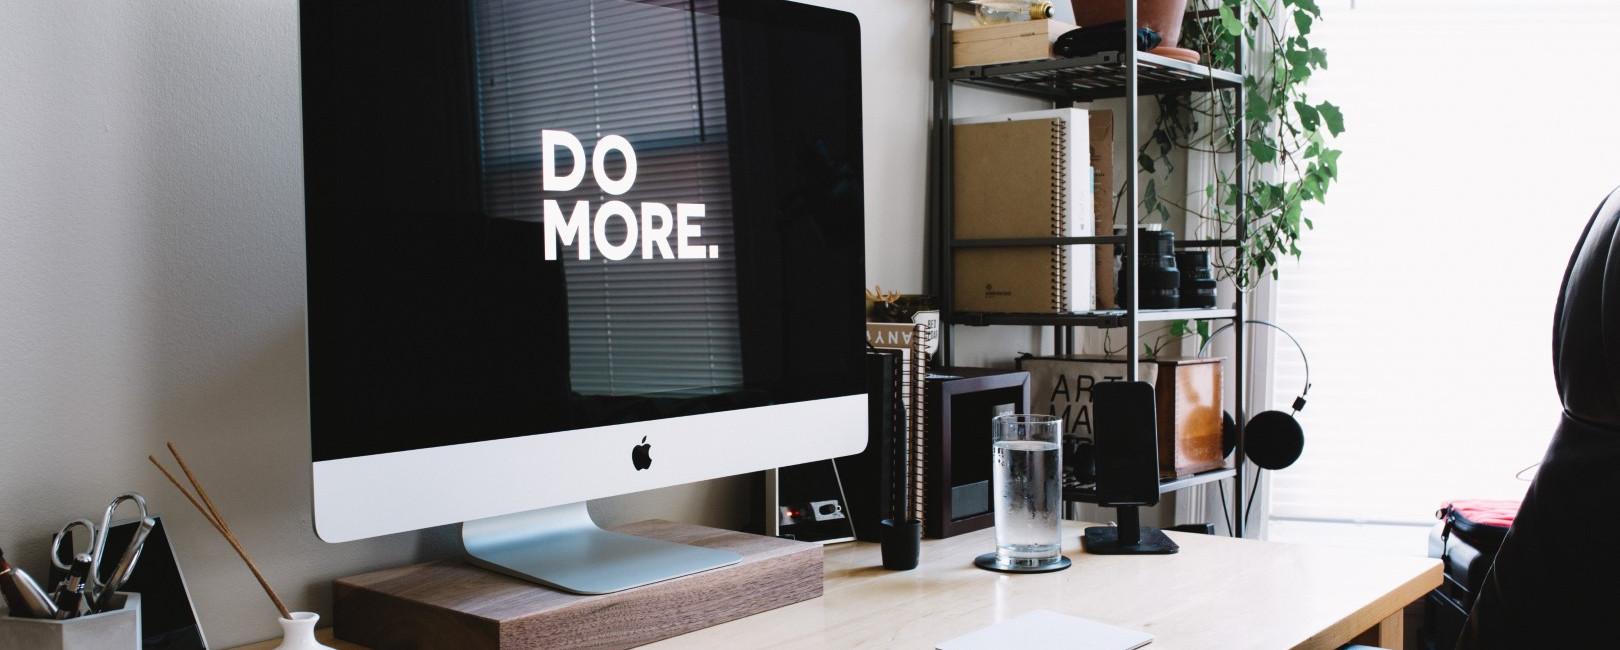 Scrivere un articolo per il blog: consigli e modus operandi 1